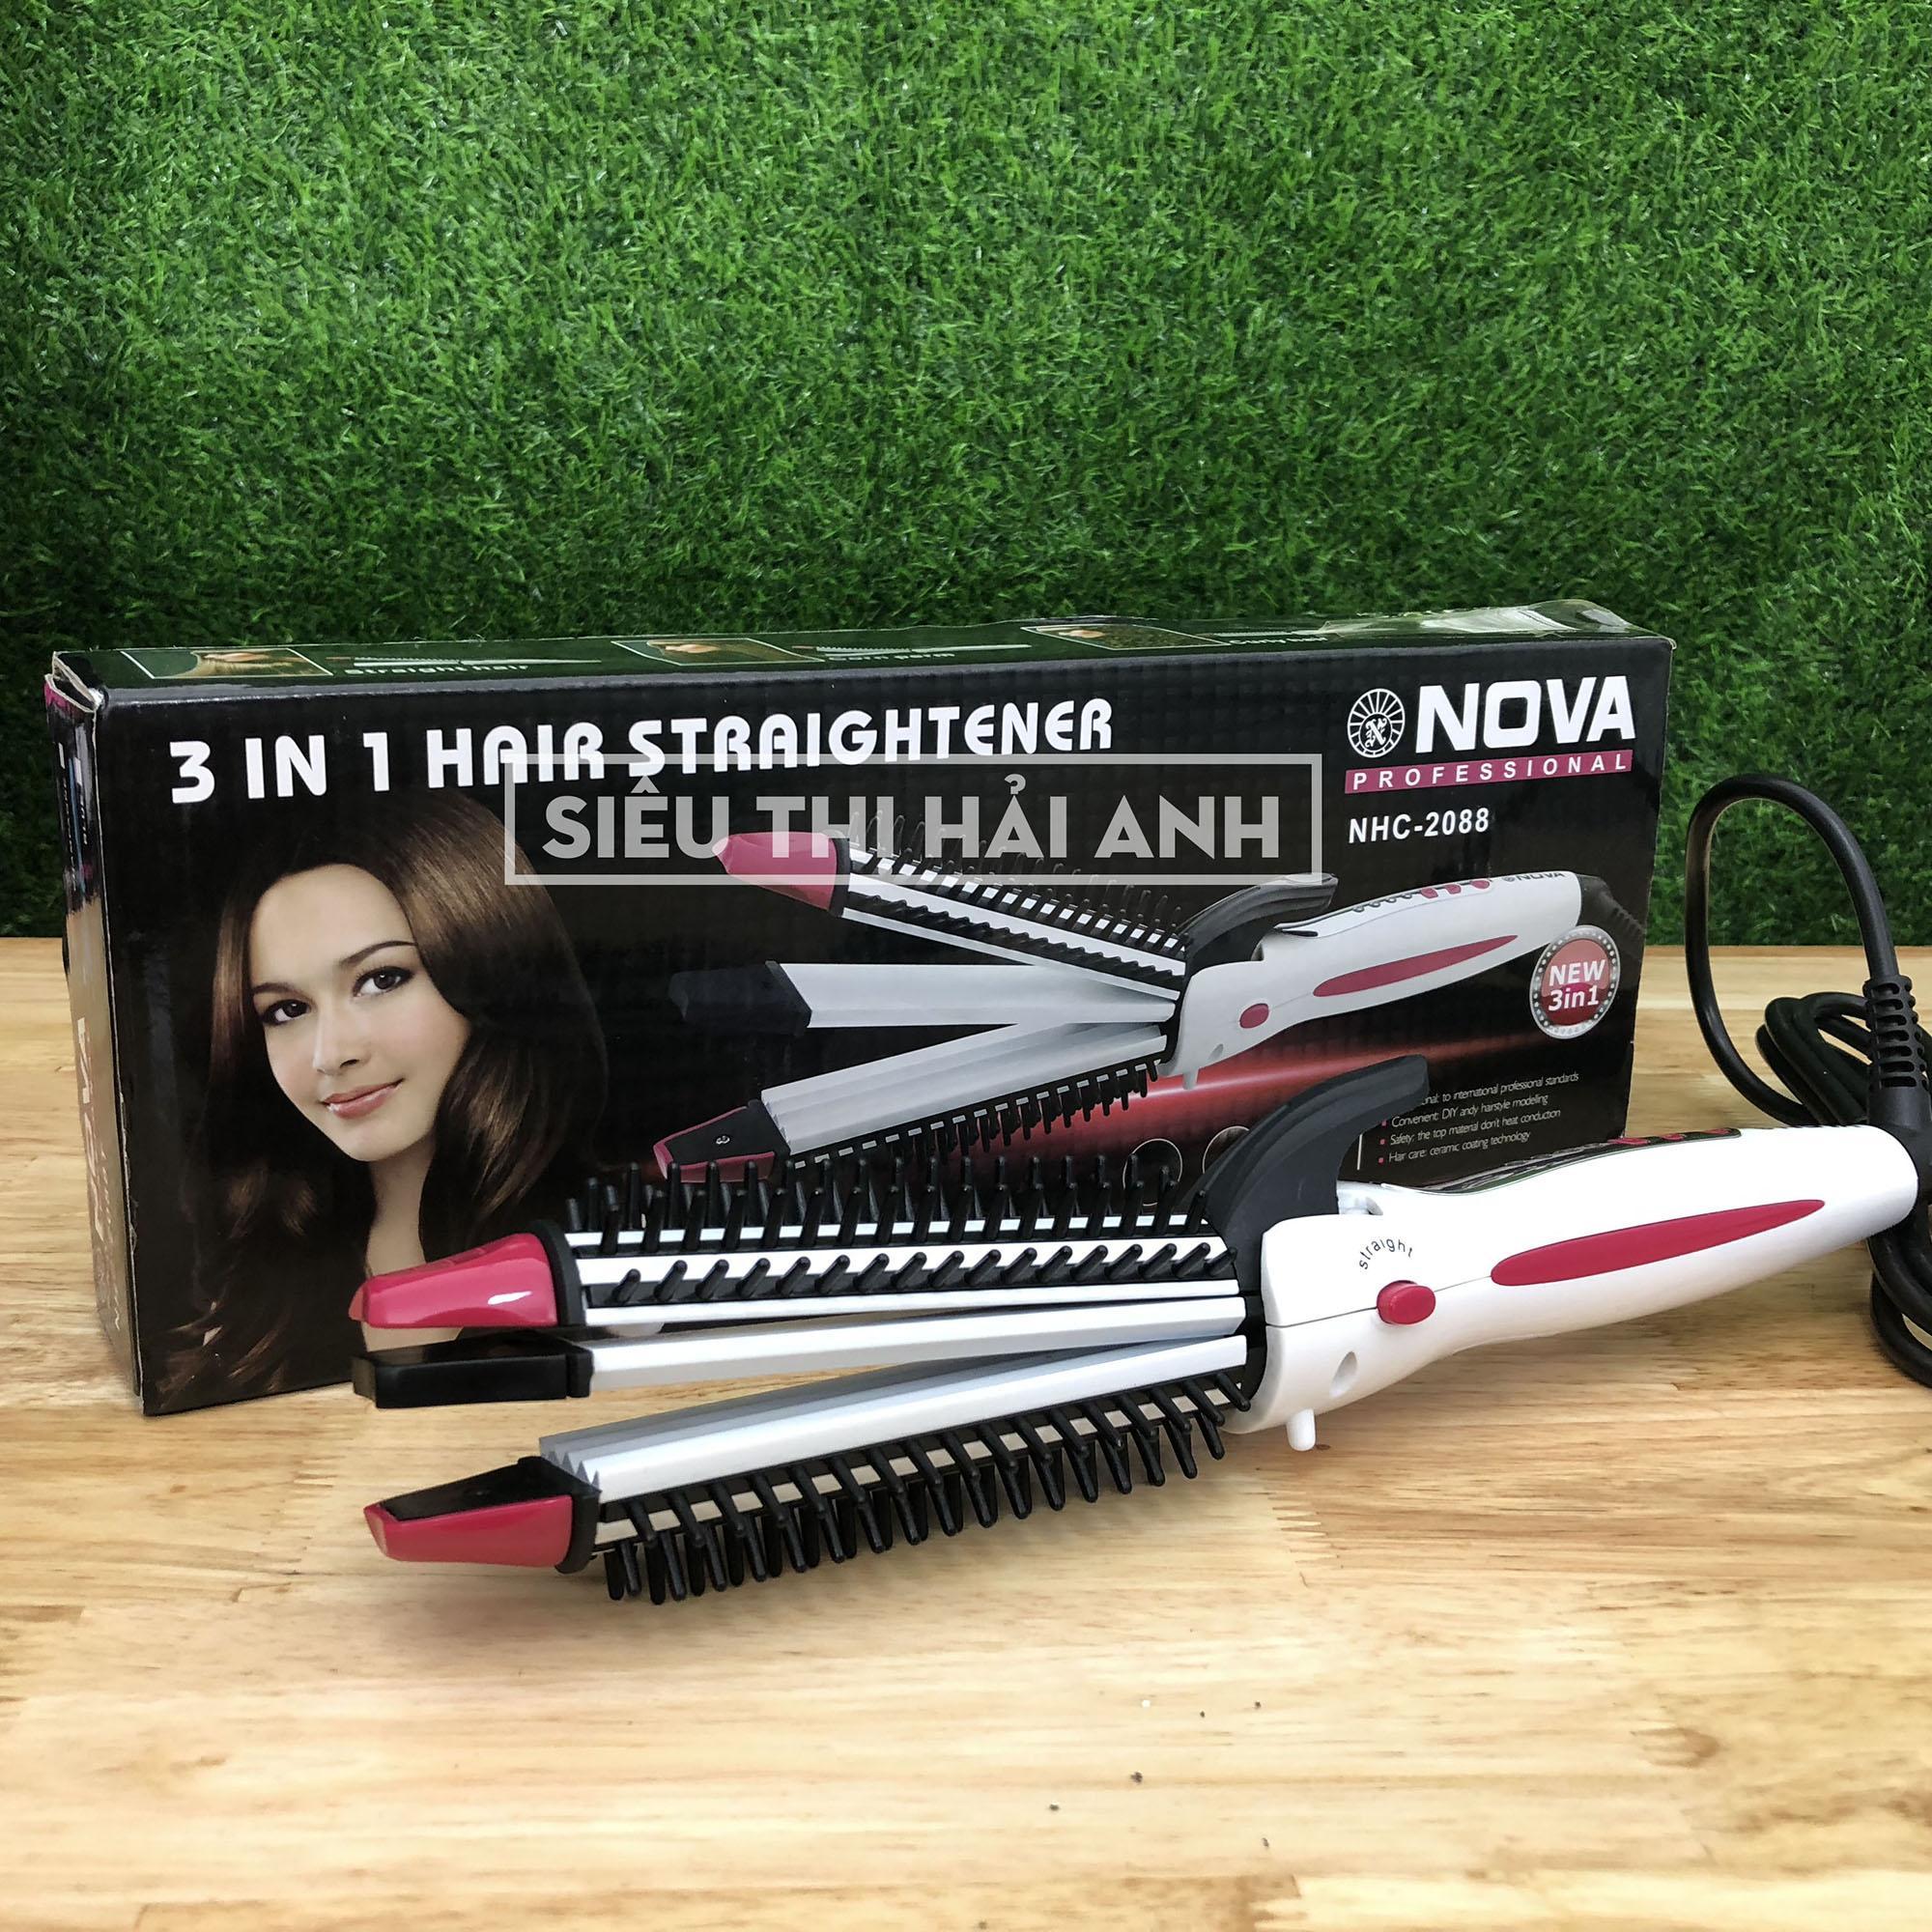 Máy làm tóc mini Nova NHC-2088T uốn,duỗi,dập xù tóc đa năng 3 in 1 GDQUY78 giá rẻ